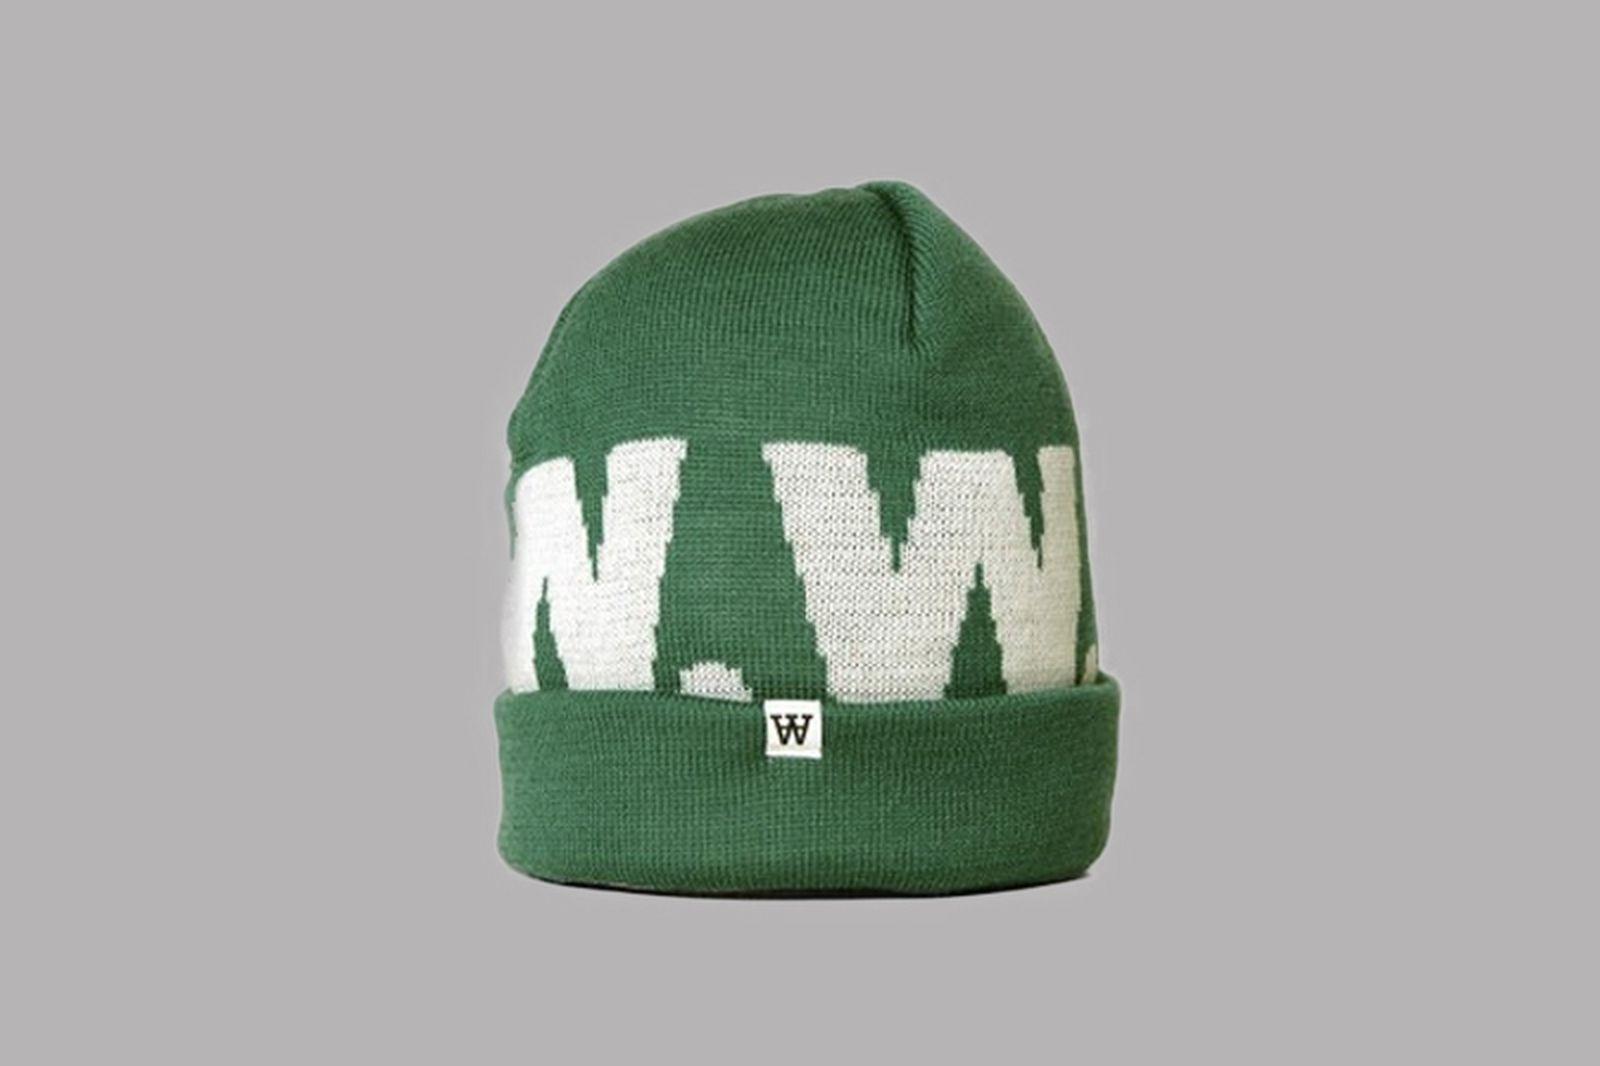 wood-wood-logo-beanie-green